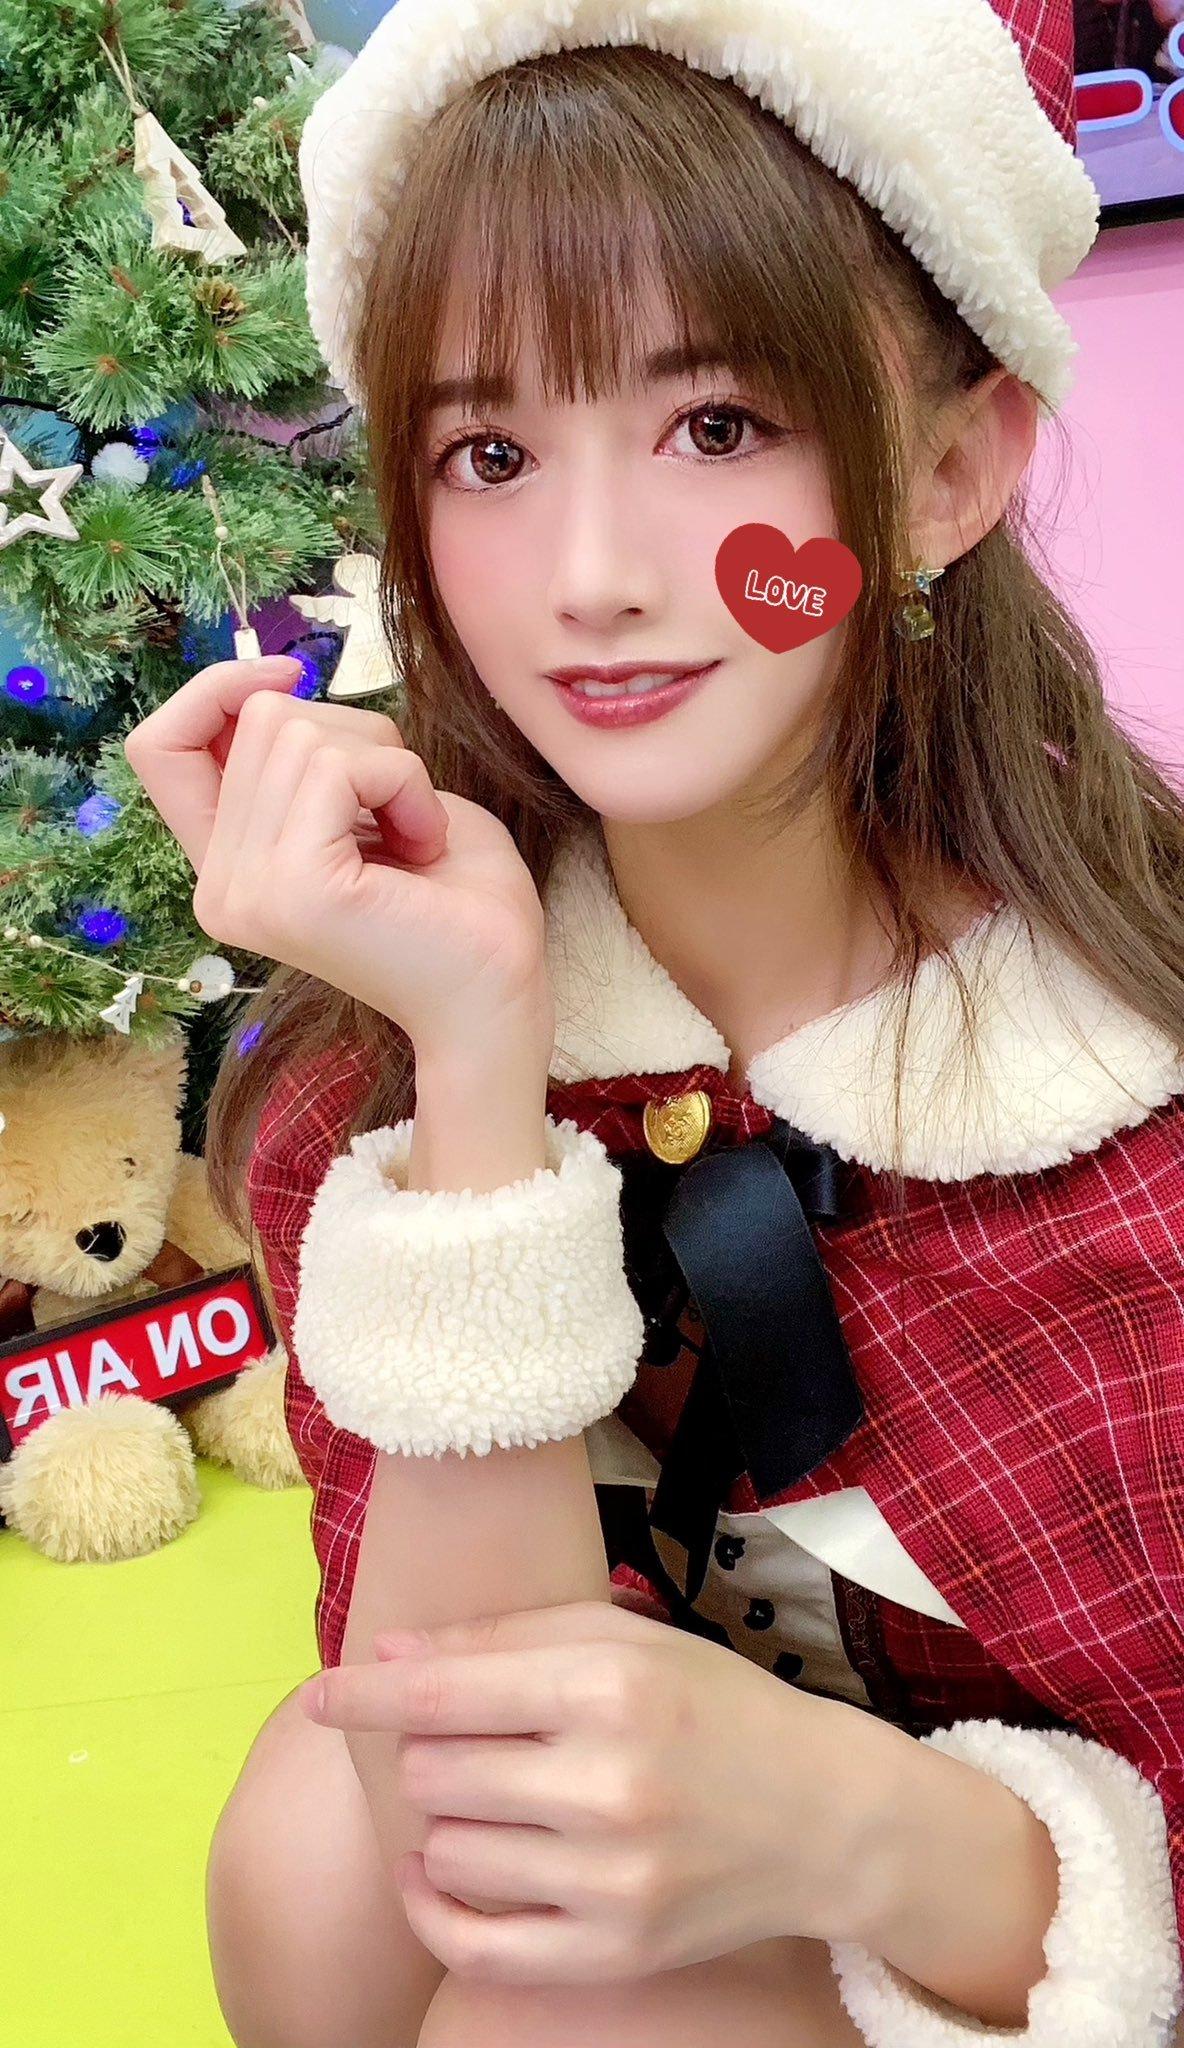 airi_kijima 1342362586726088704_p2